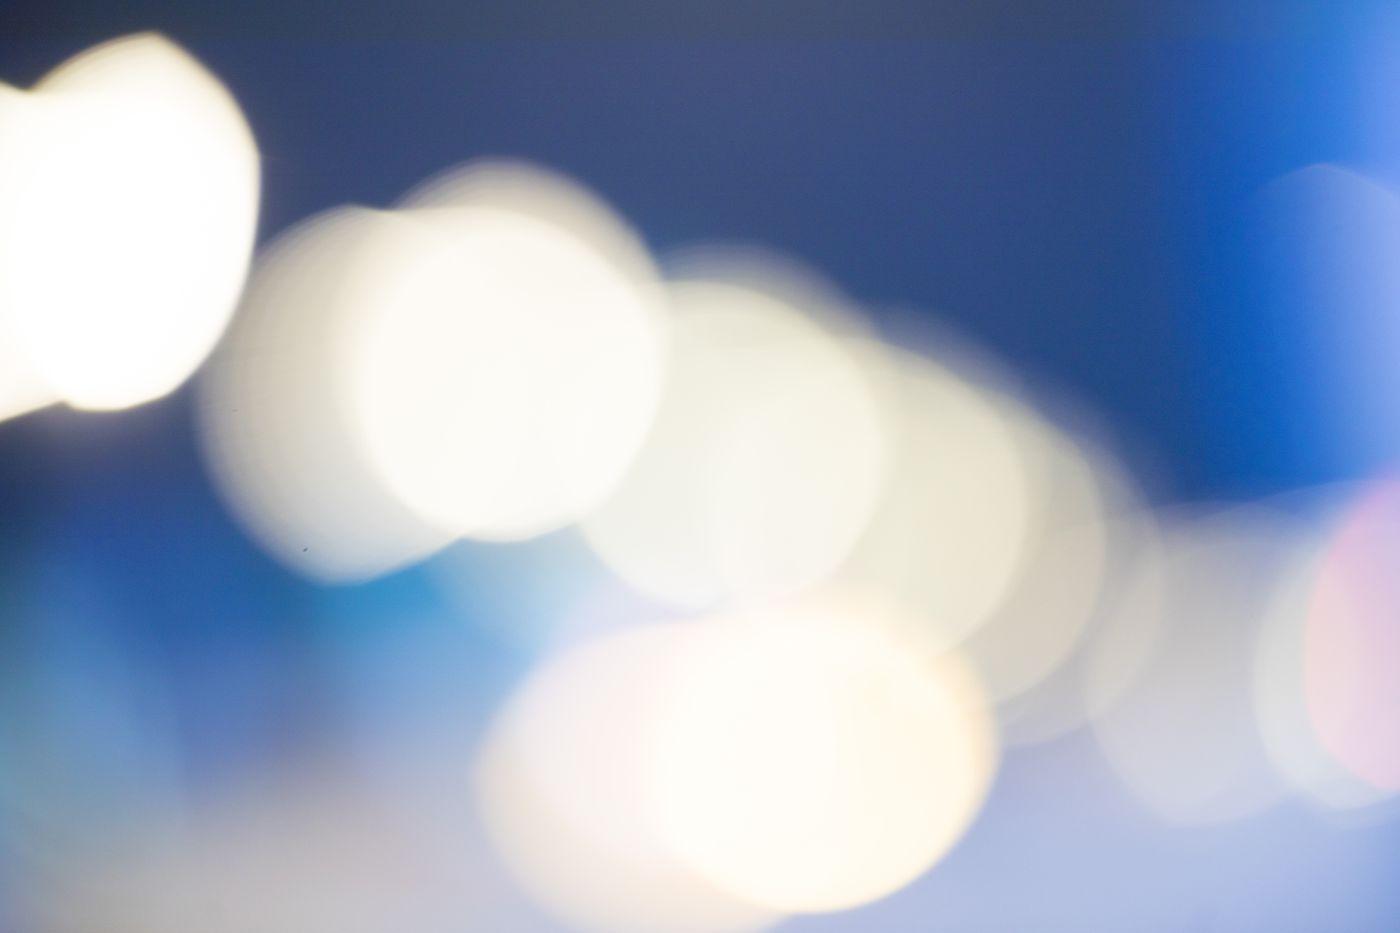 夜の街あかり(ボケた光)の写真